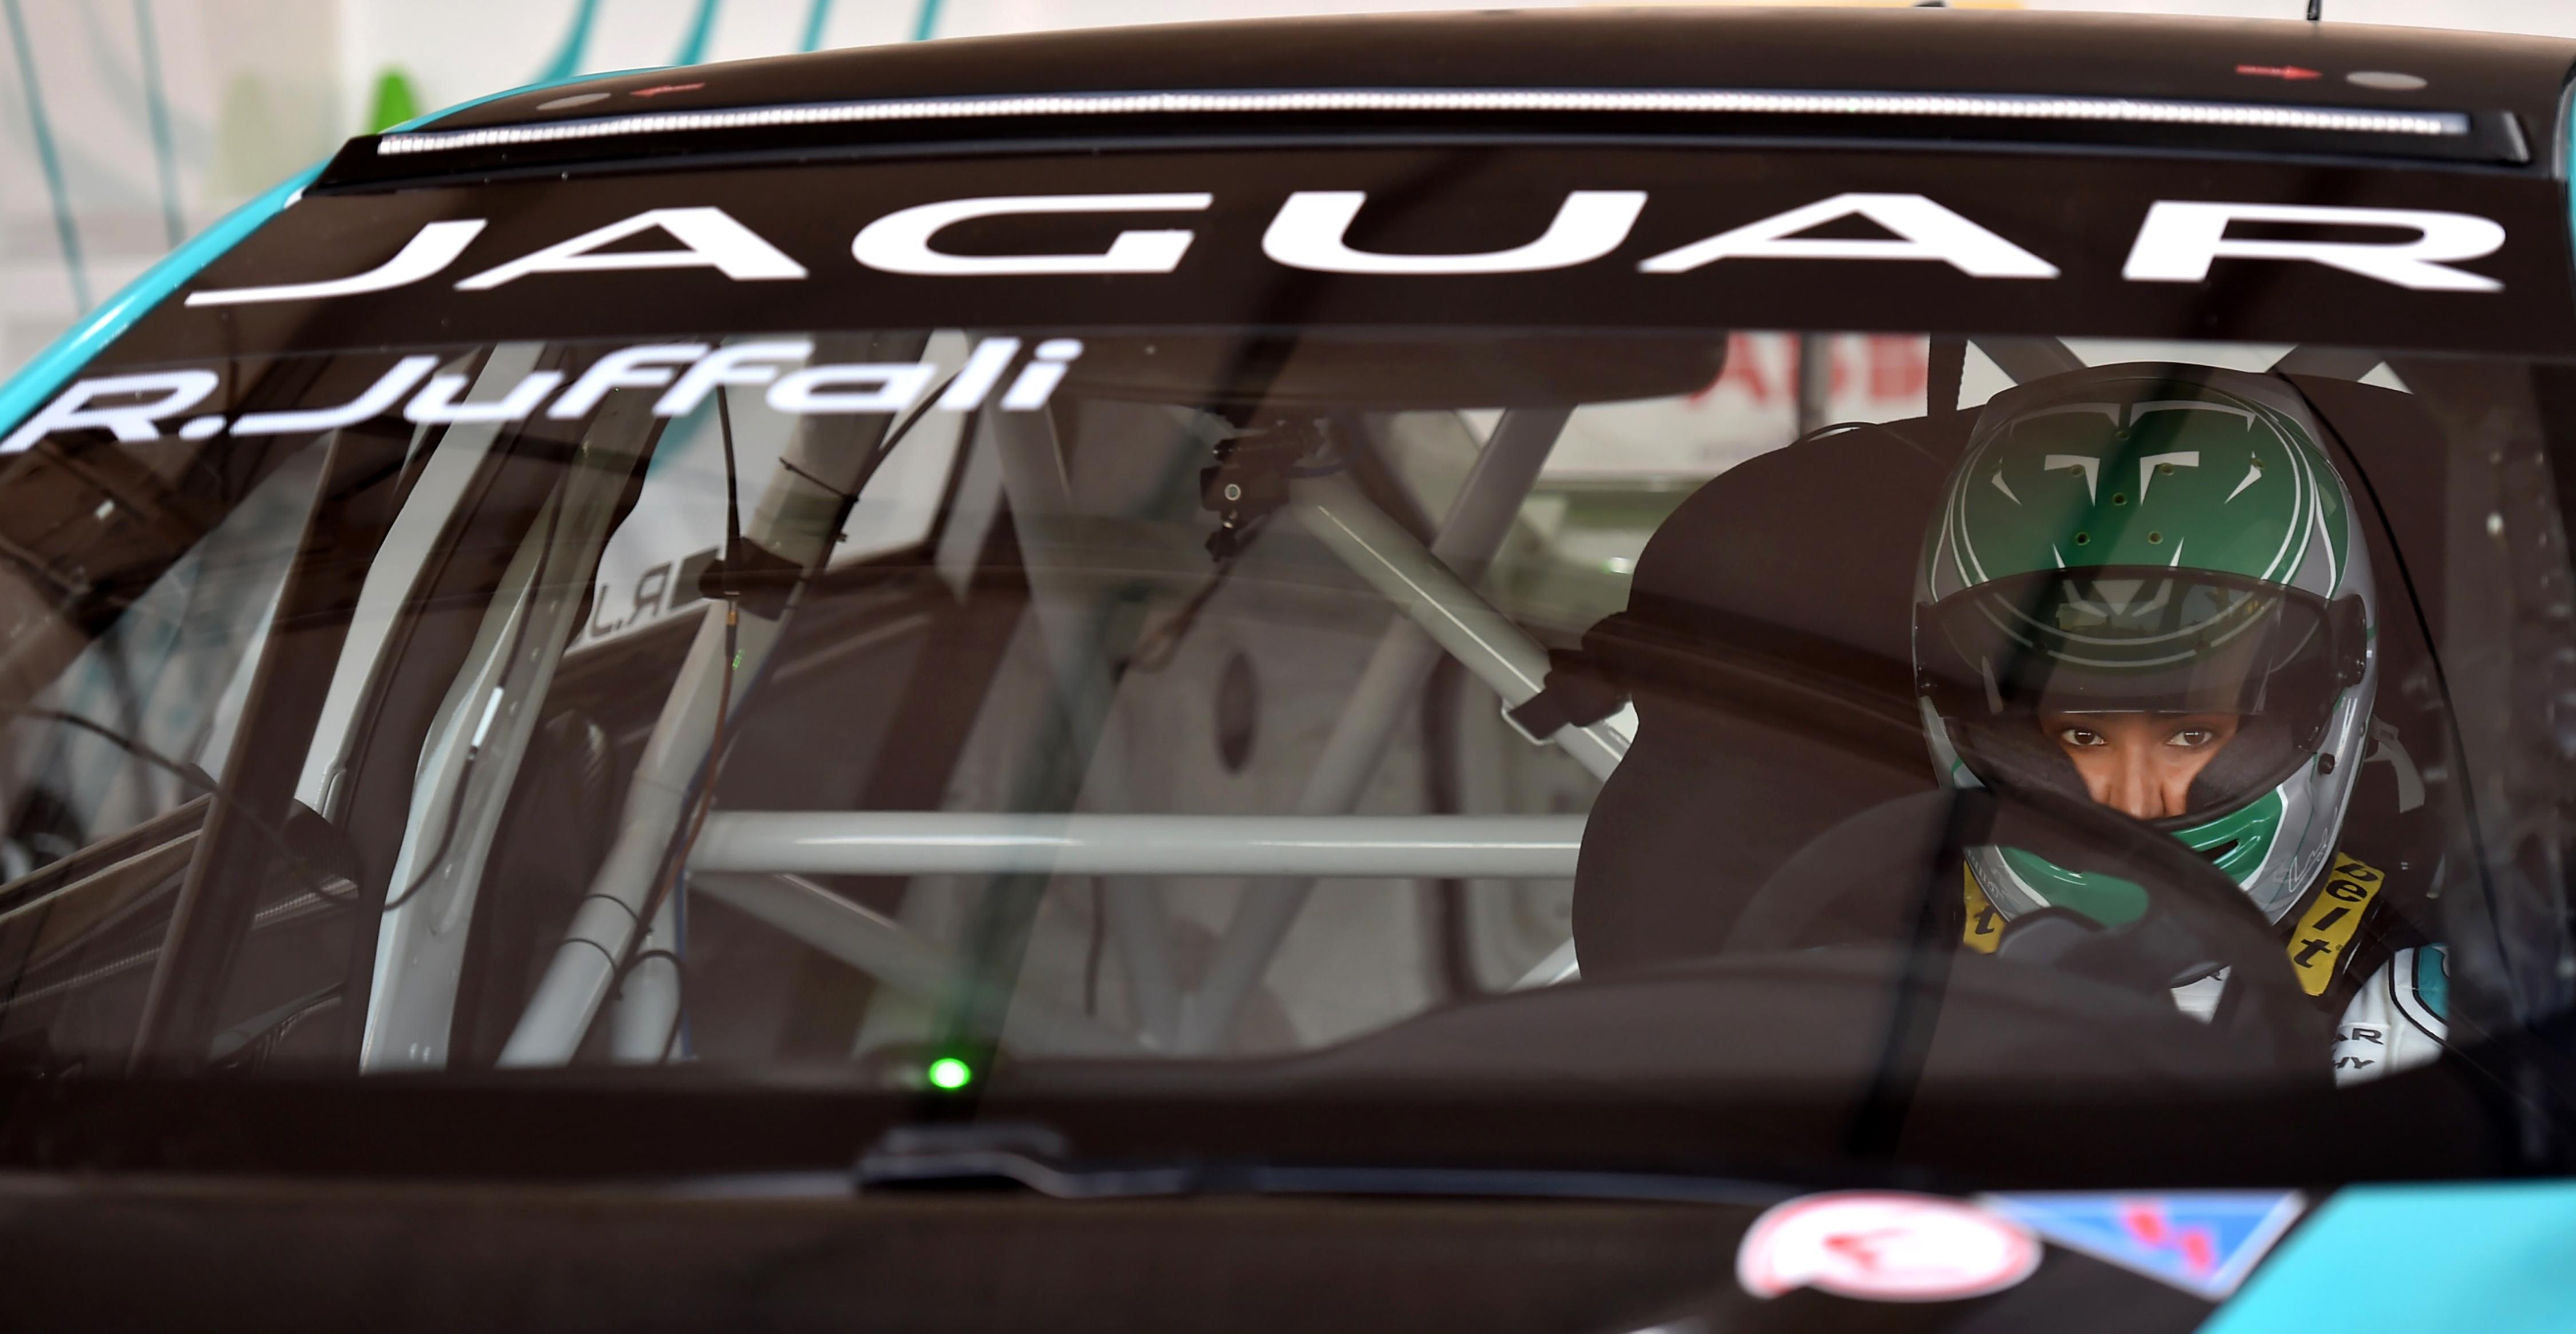 وتحلم الجفالي بالمشاركة ليوم واحد في سباق لومان 24 الكلاسيكي الفرنسي